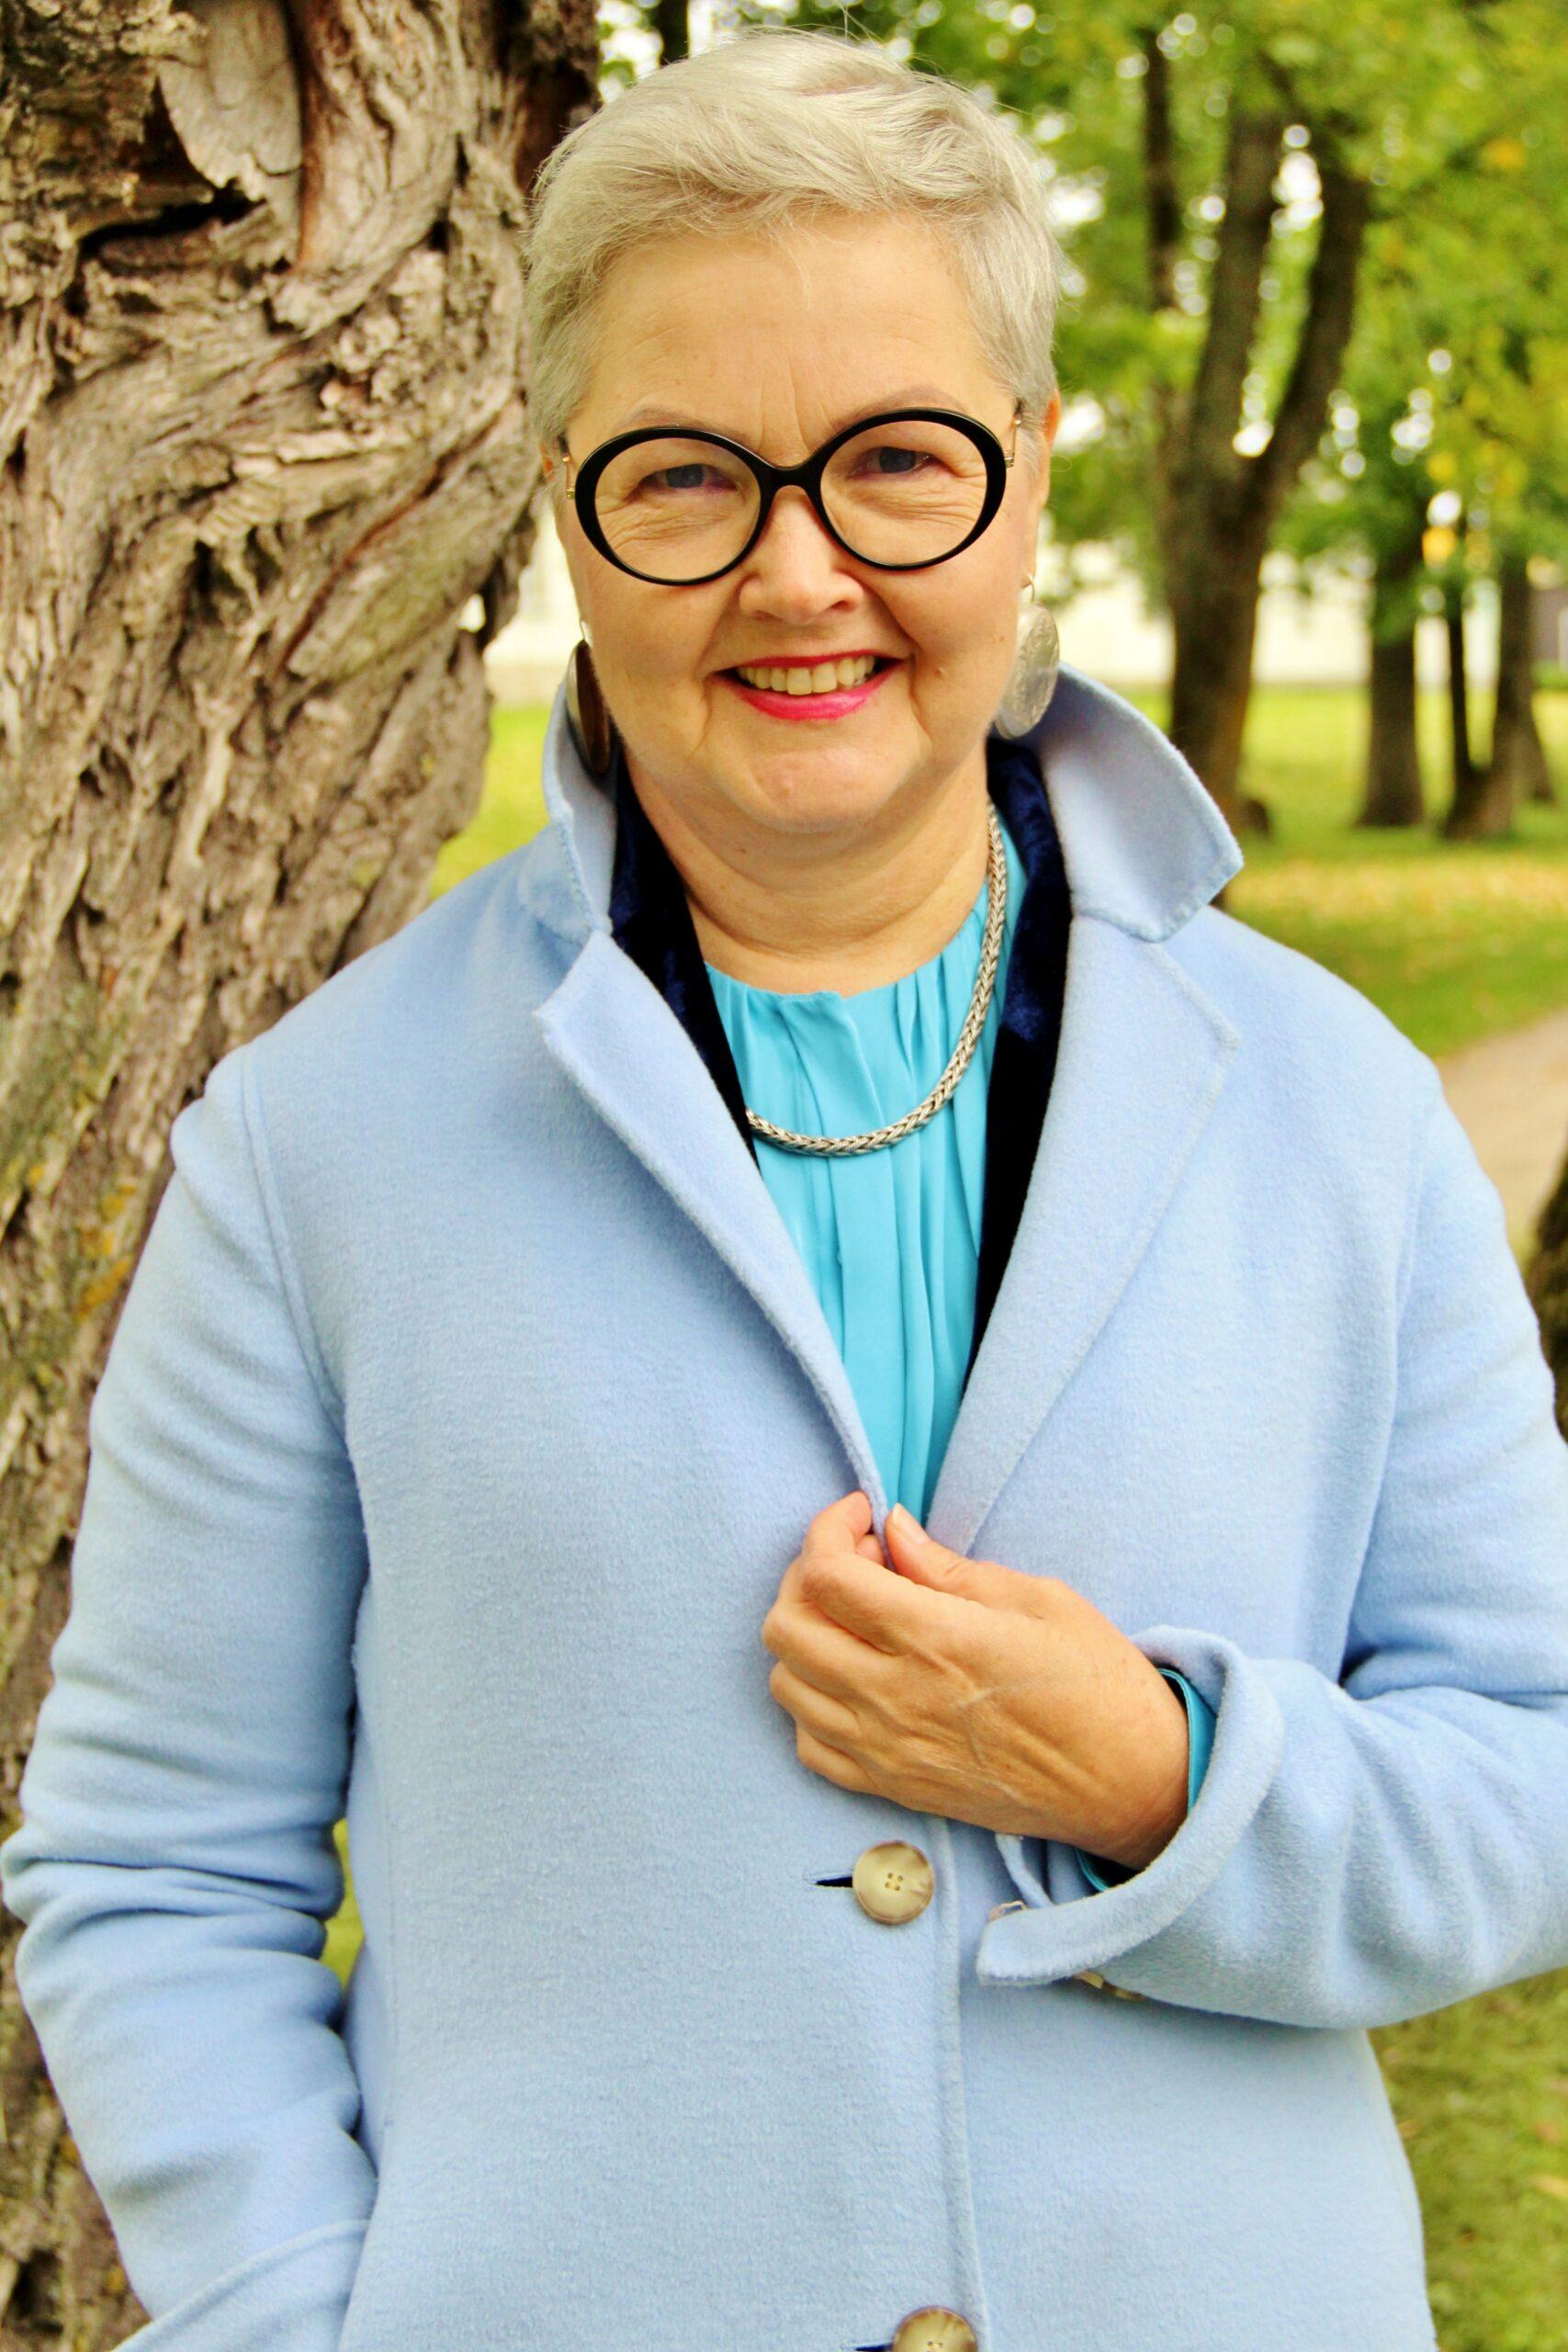 Katrin Klaebo profiilipilt kodulehele